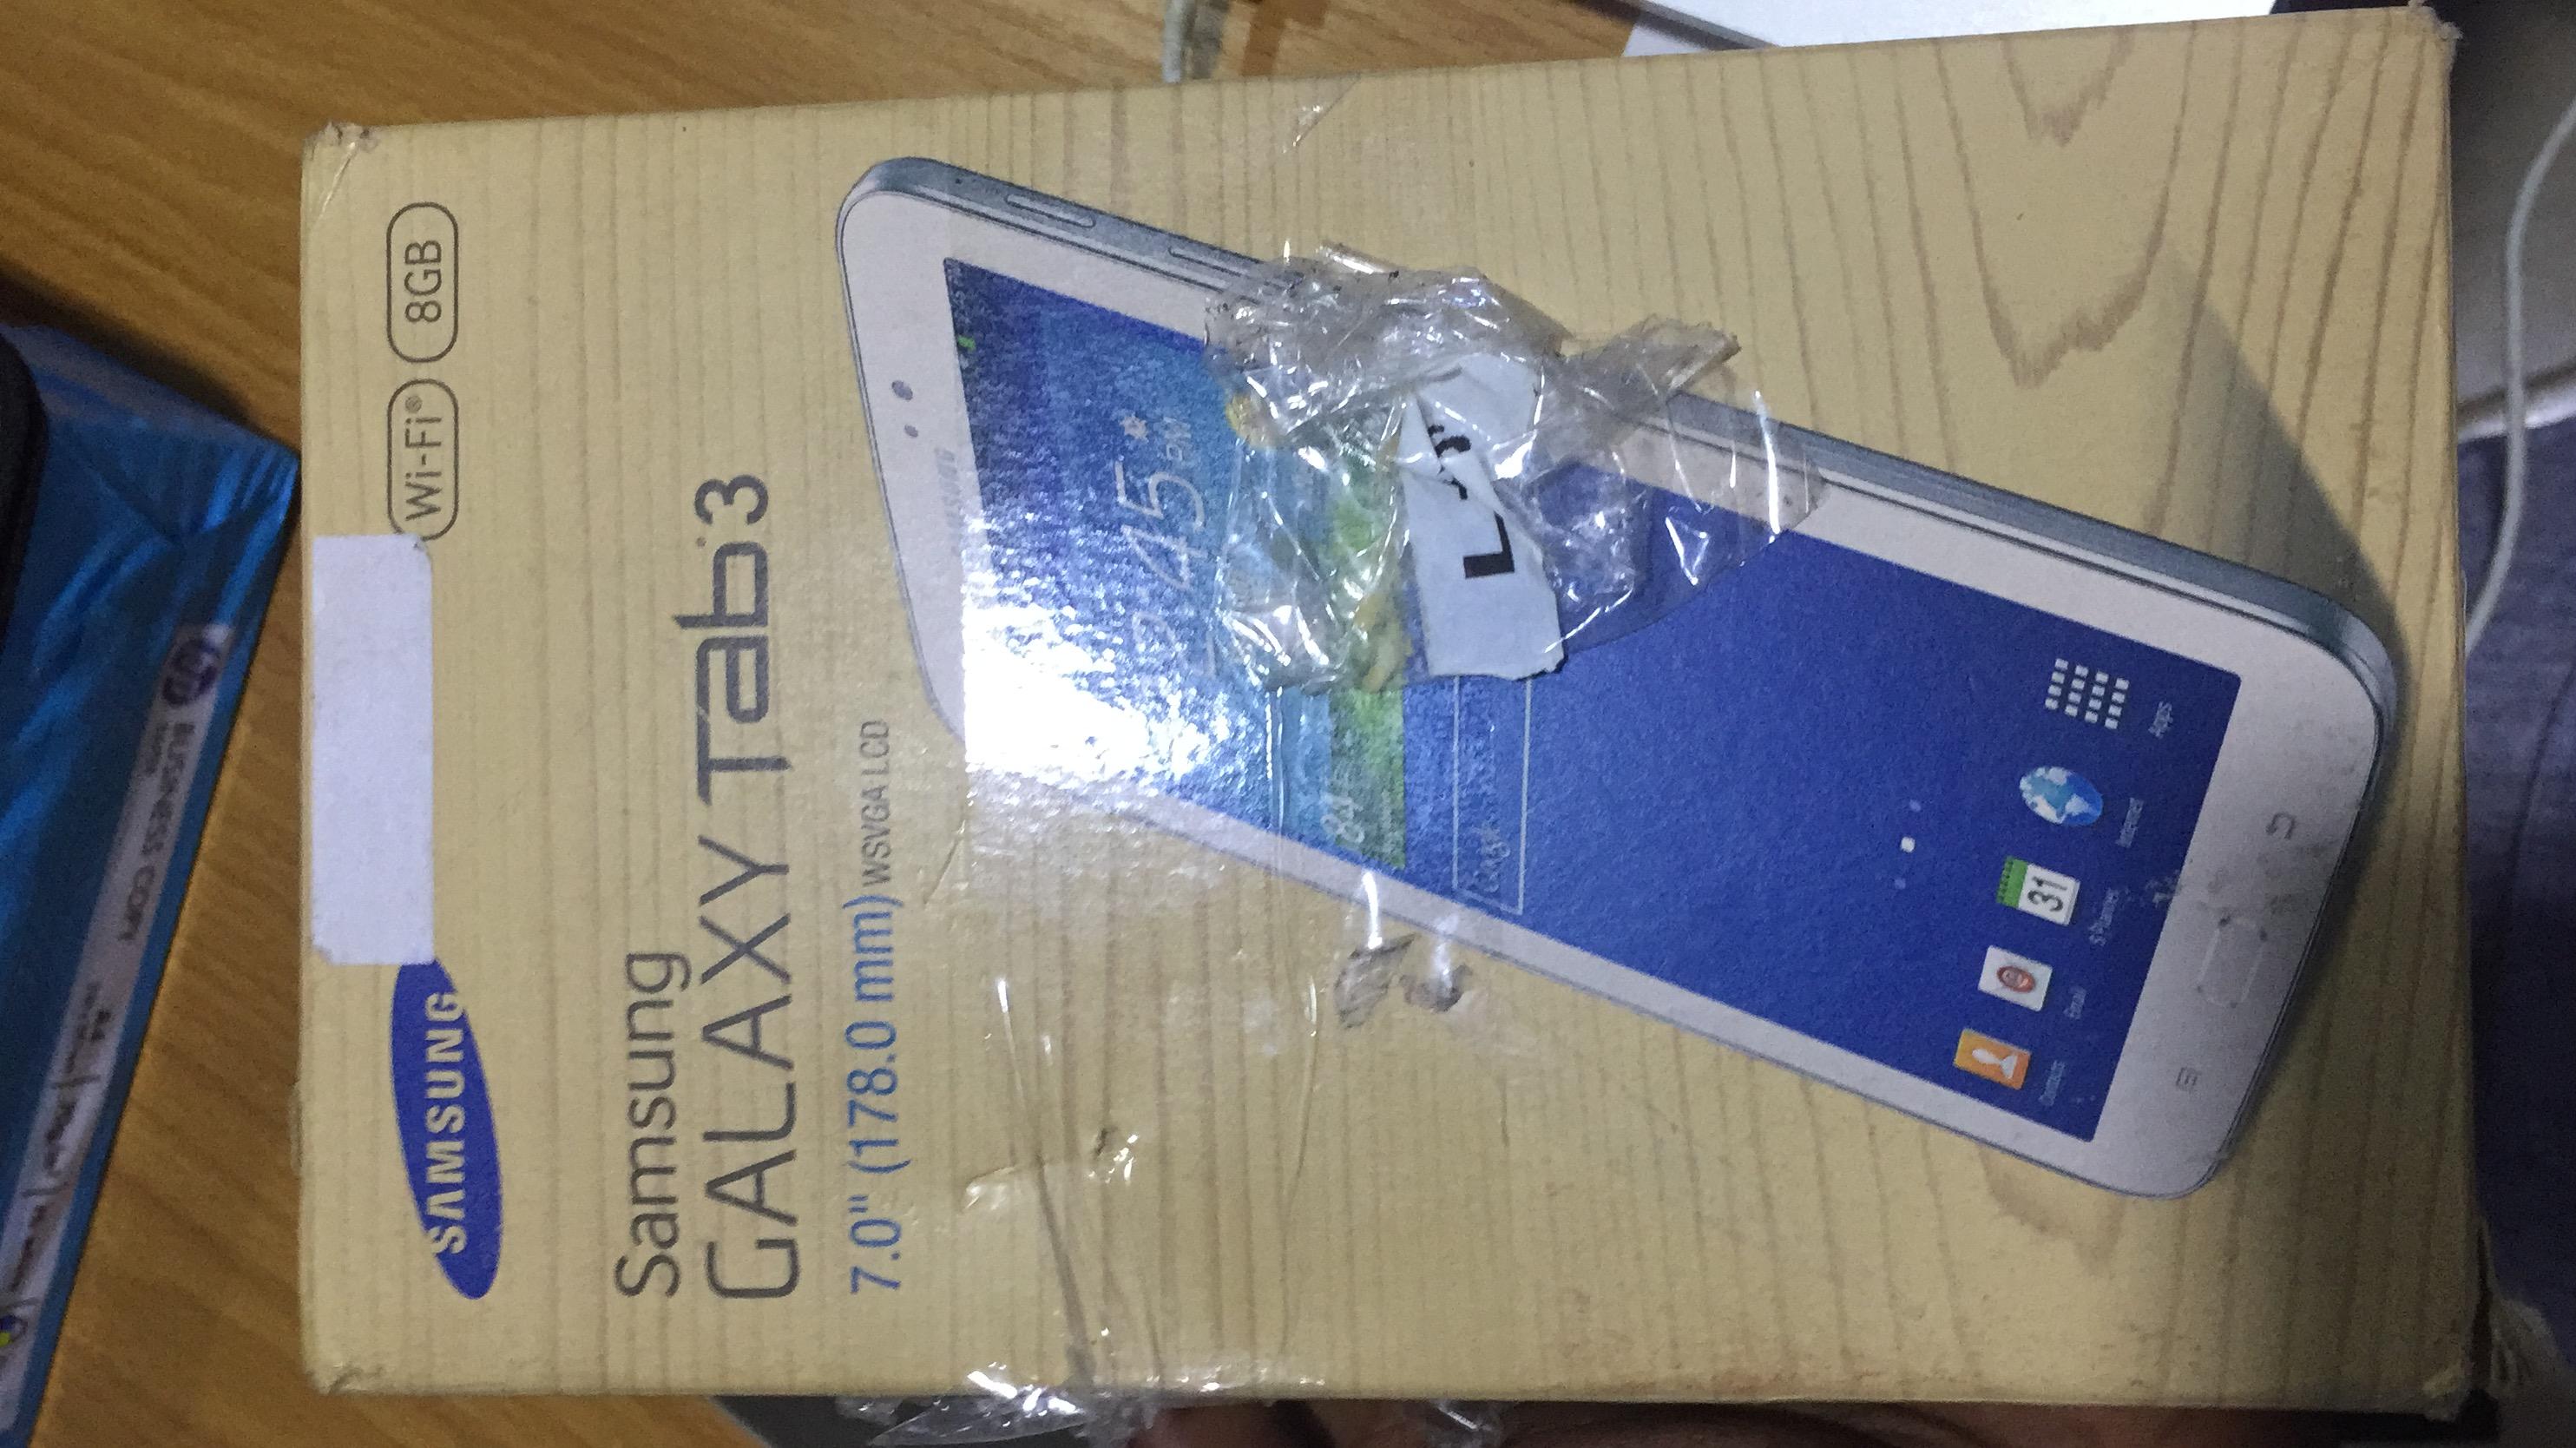 Brand new Samsung galaxy tab 3